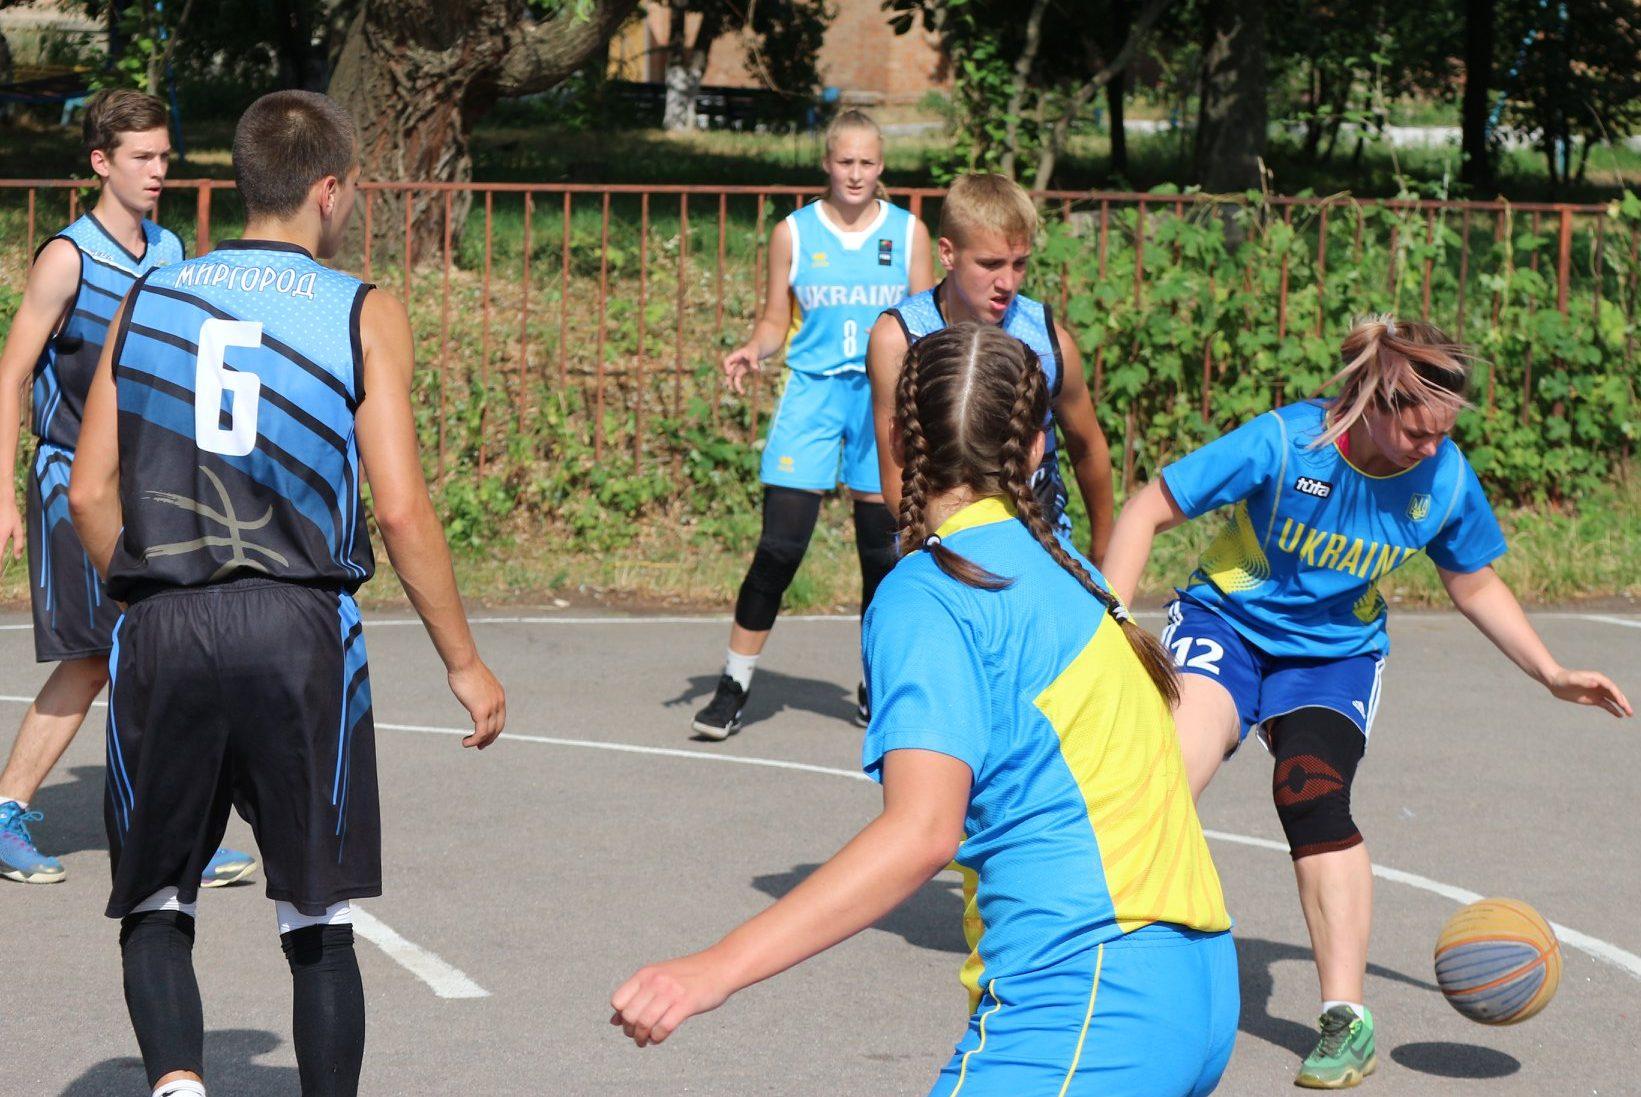 Полтавська команда спробує себе в новому форматі баскетболу